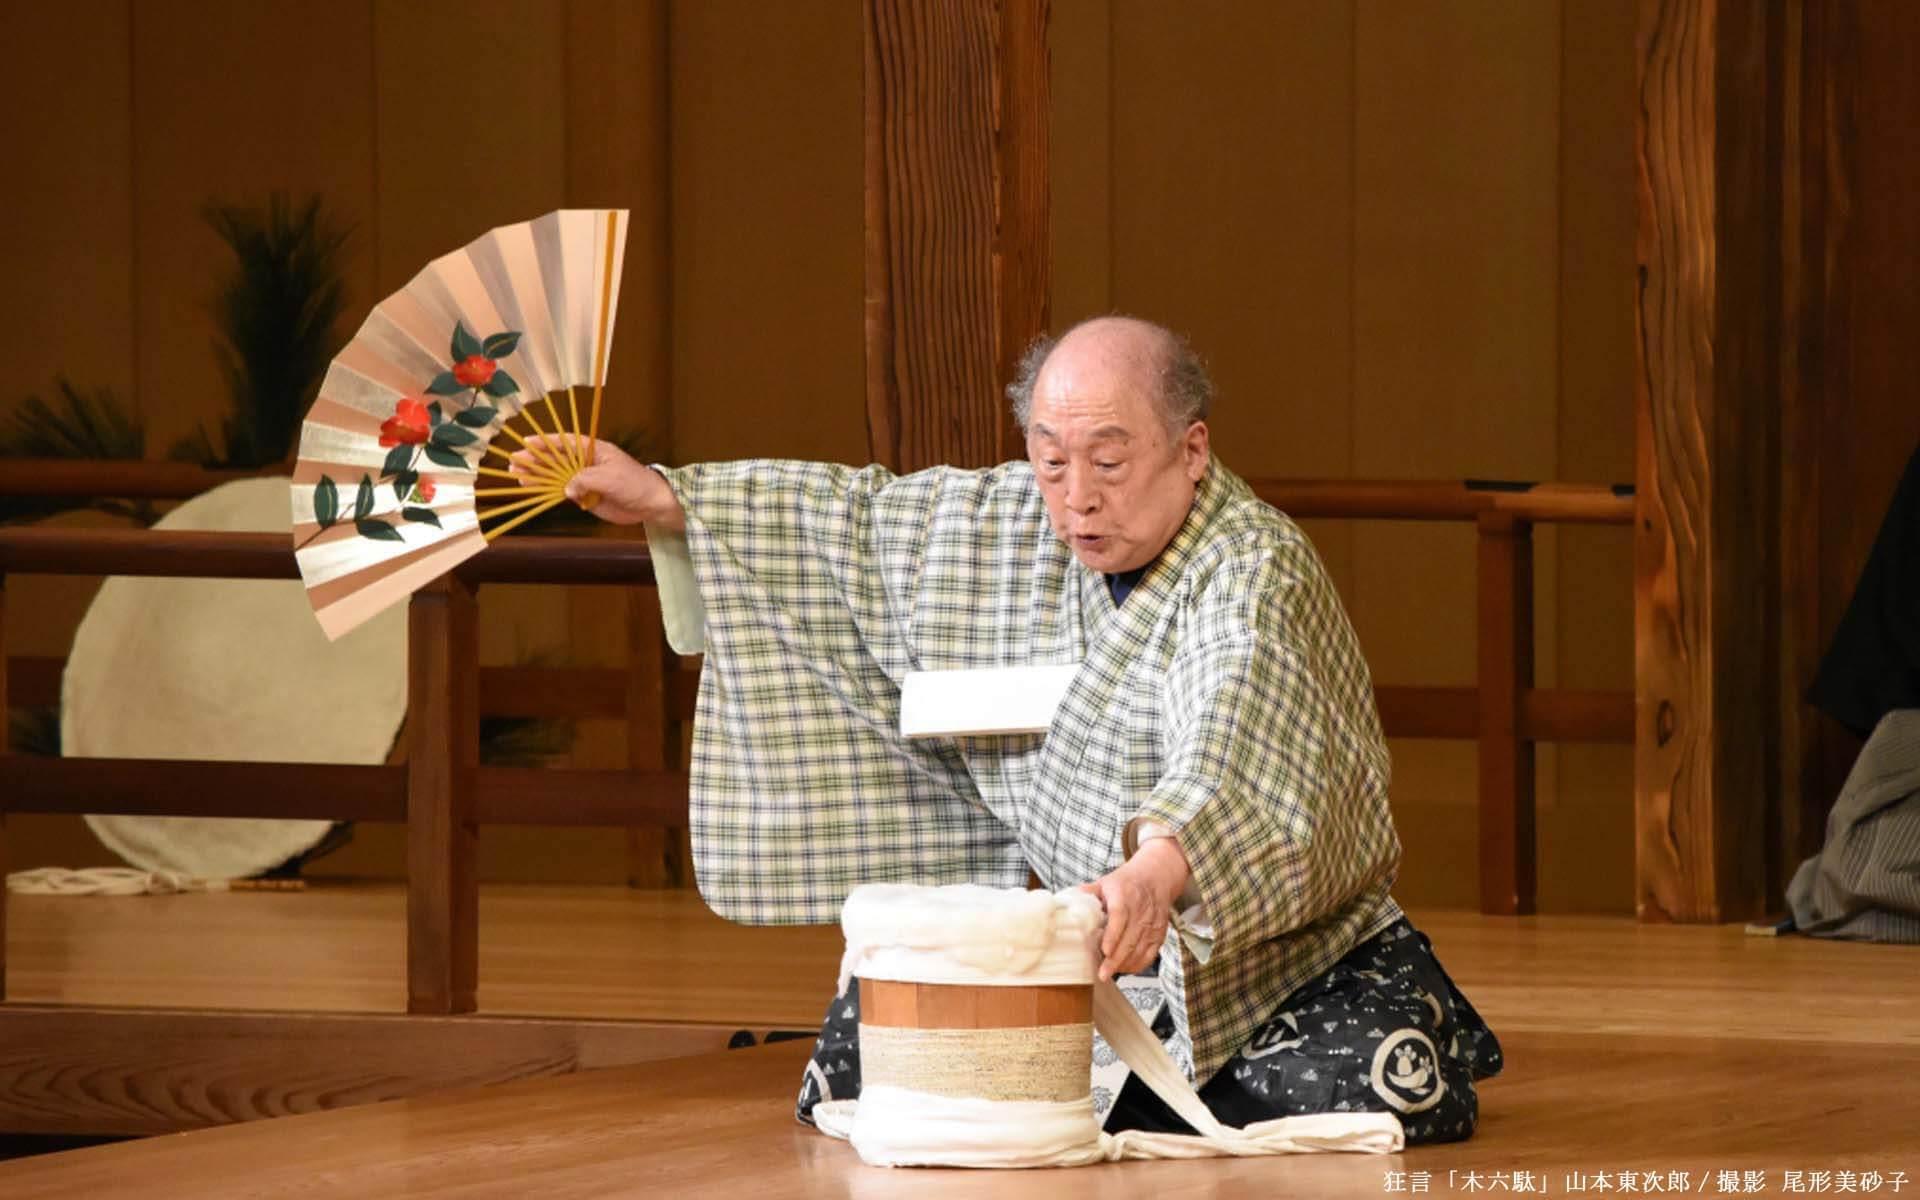 「狂言とは人間賛歌」人間国宝、山本東次郎さんに聞く楽しみ方入門